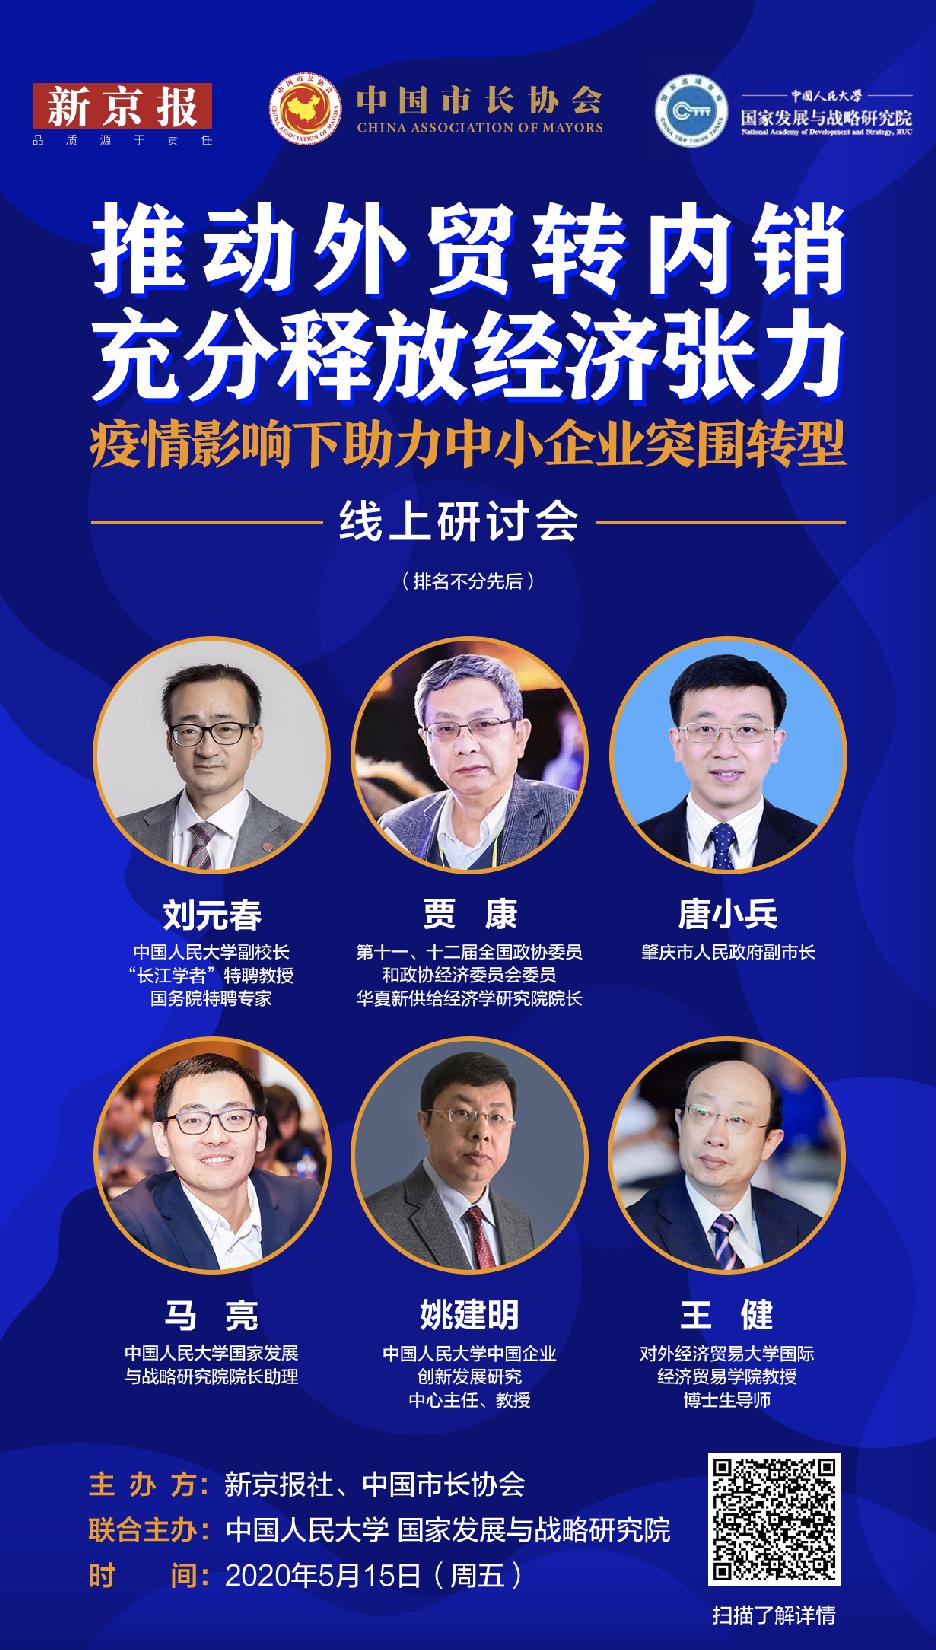 [杏鑫]内销充分释放经济张力杏鑫线上研讨会预图片